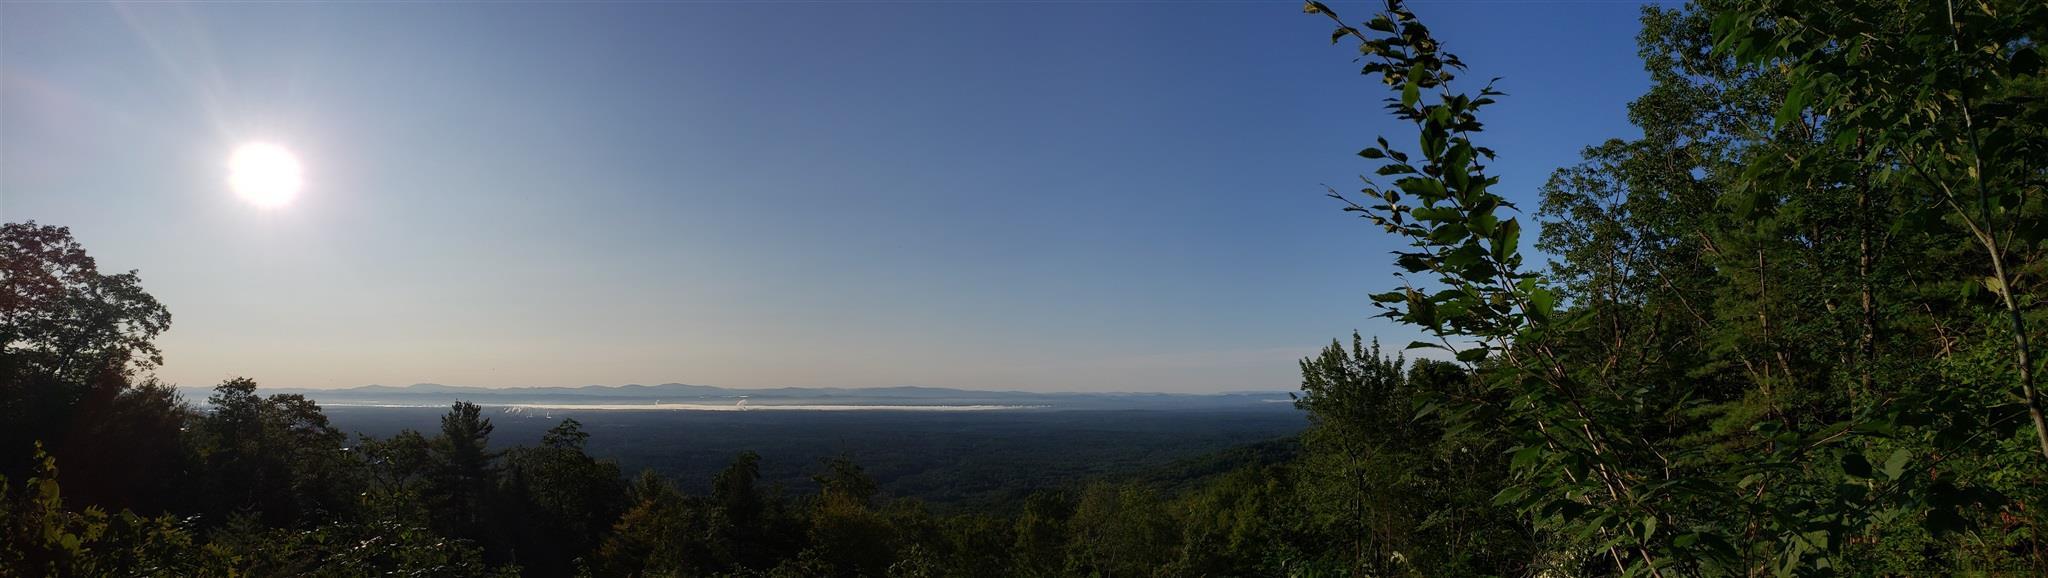 Lake Lazur image 3